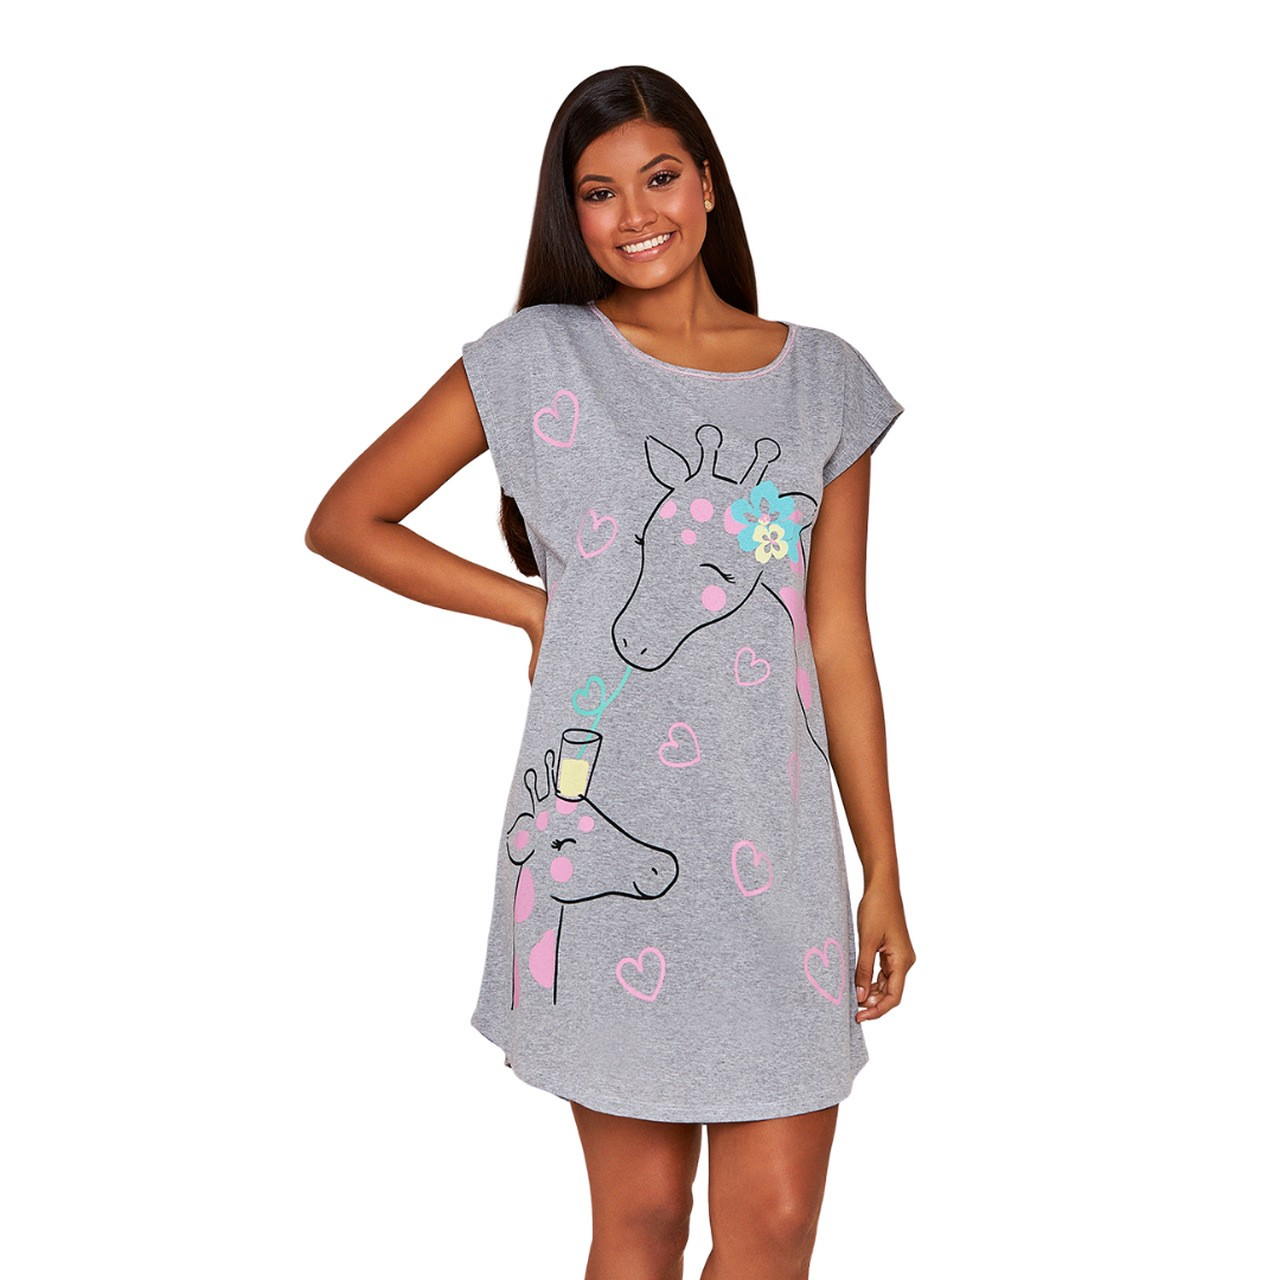 Camisão mulher com manga algodão girafa apaixonada